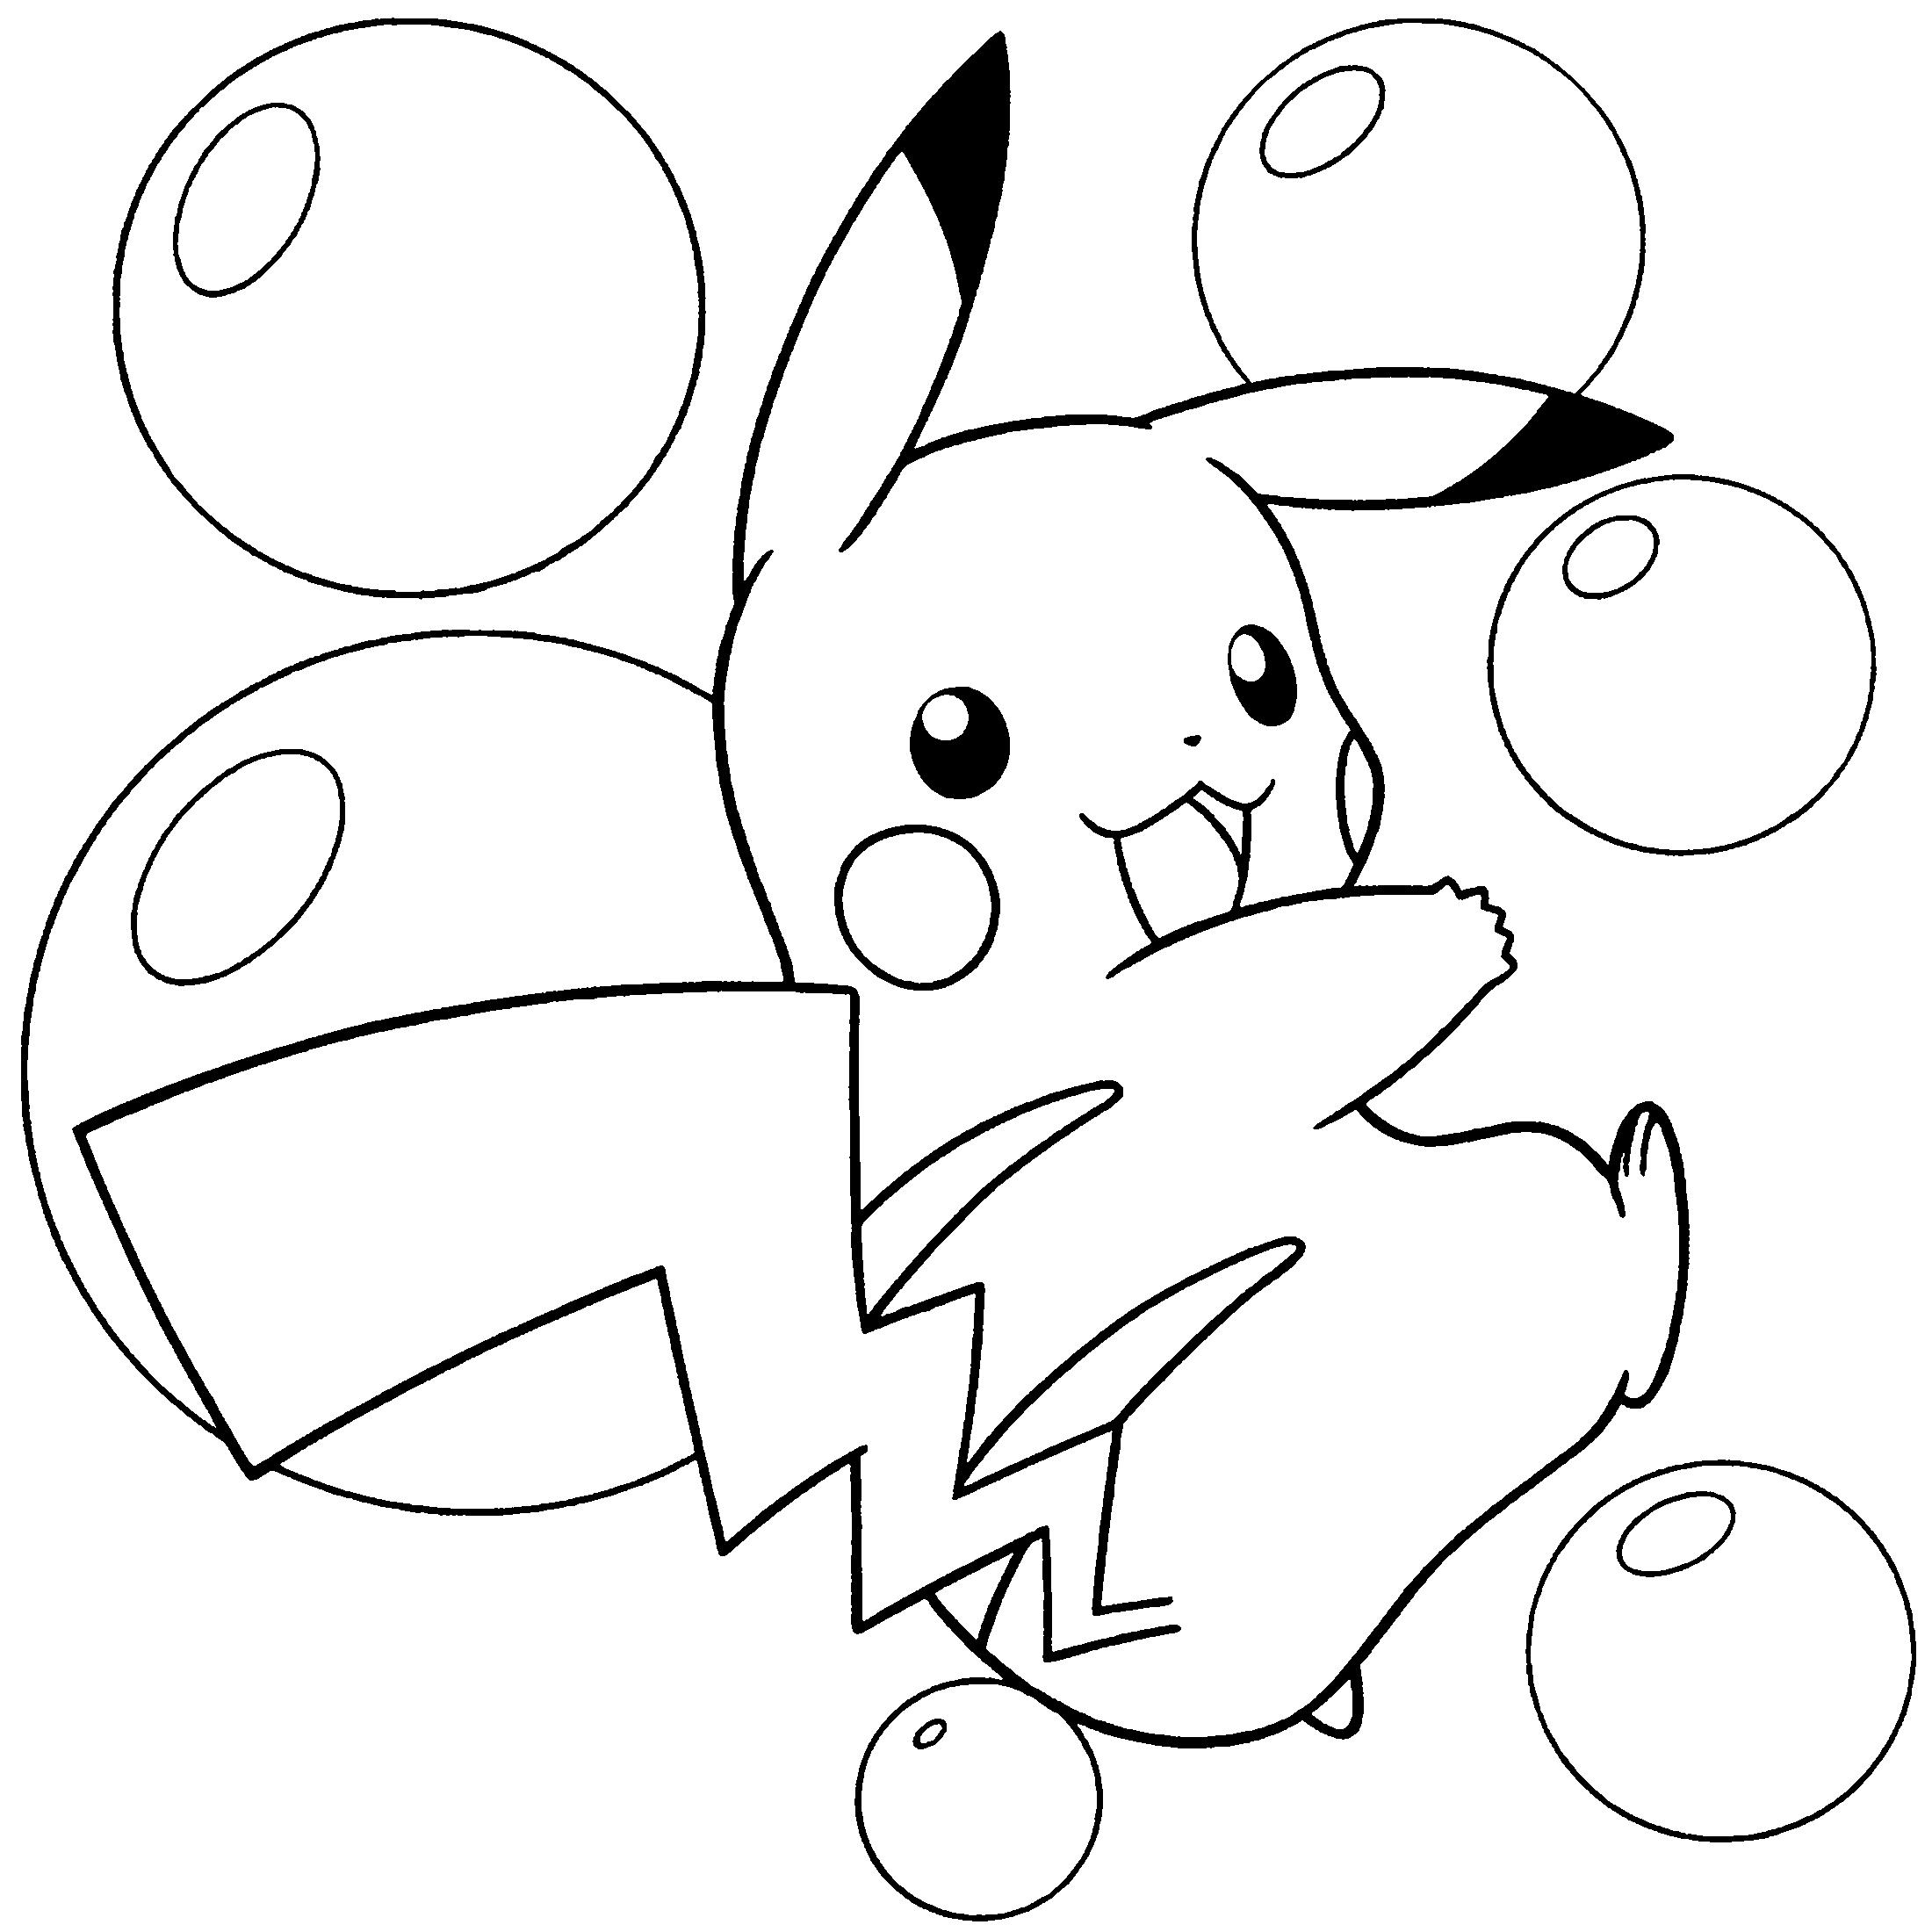 Tranh Tô Màu Hình Pikachu Siêu Dễ Thương Cho Bé